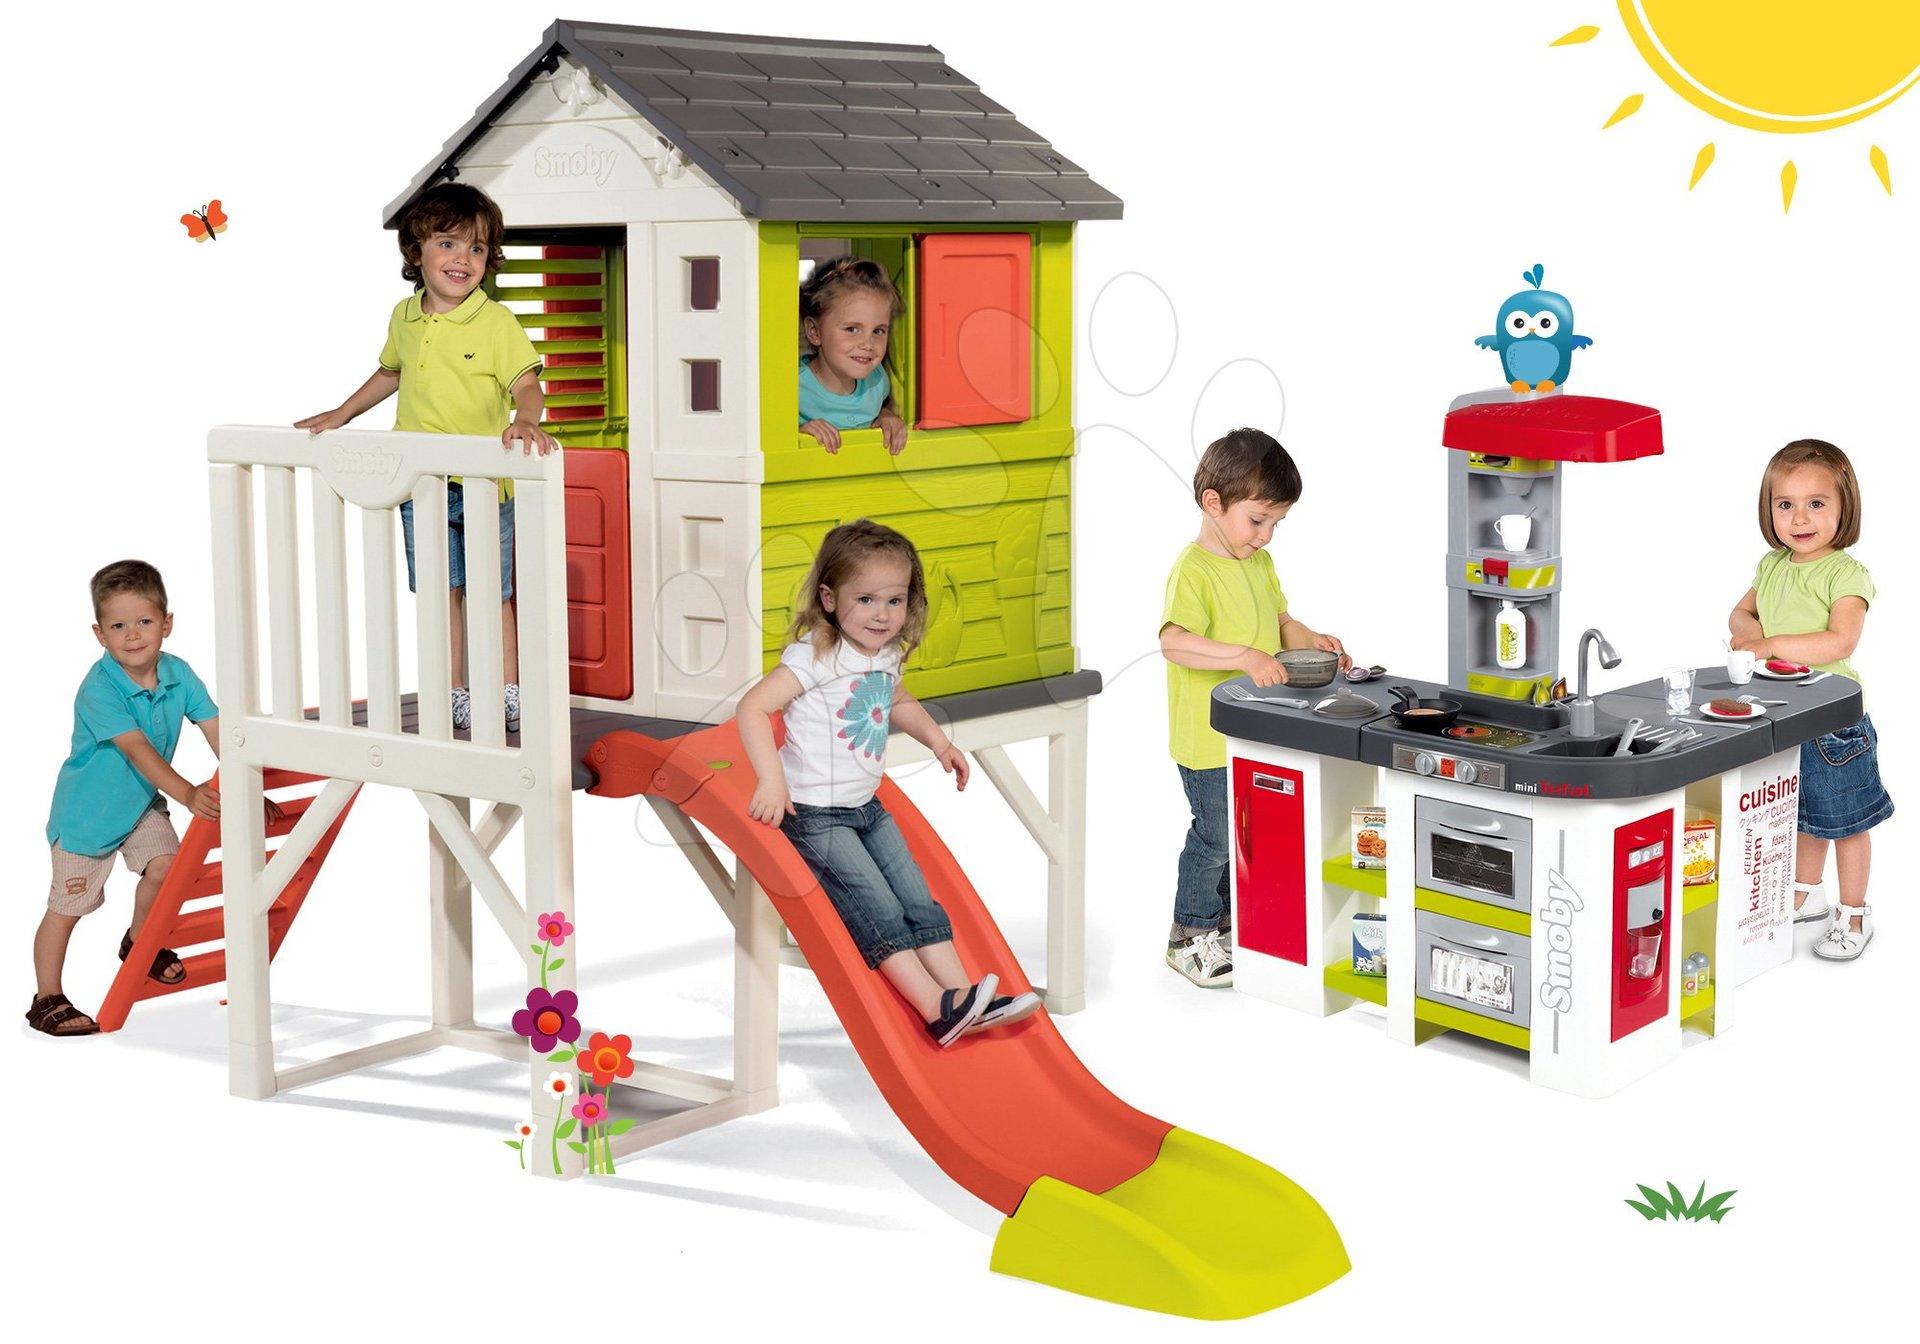 Set căsuţă pe piloni Pilings House Smoby cu tobogan de 1,5 m și bucătărie Tefal Studio XXL electronică cu barbotare şi gheaţă de la 24 luni